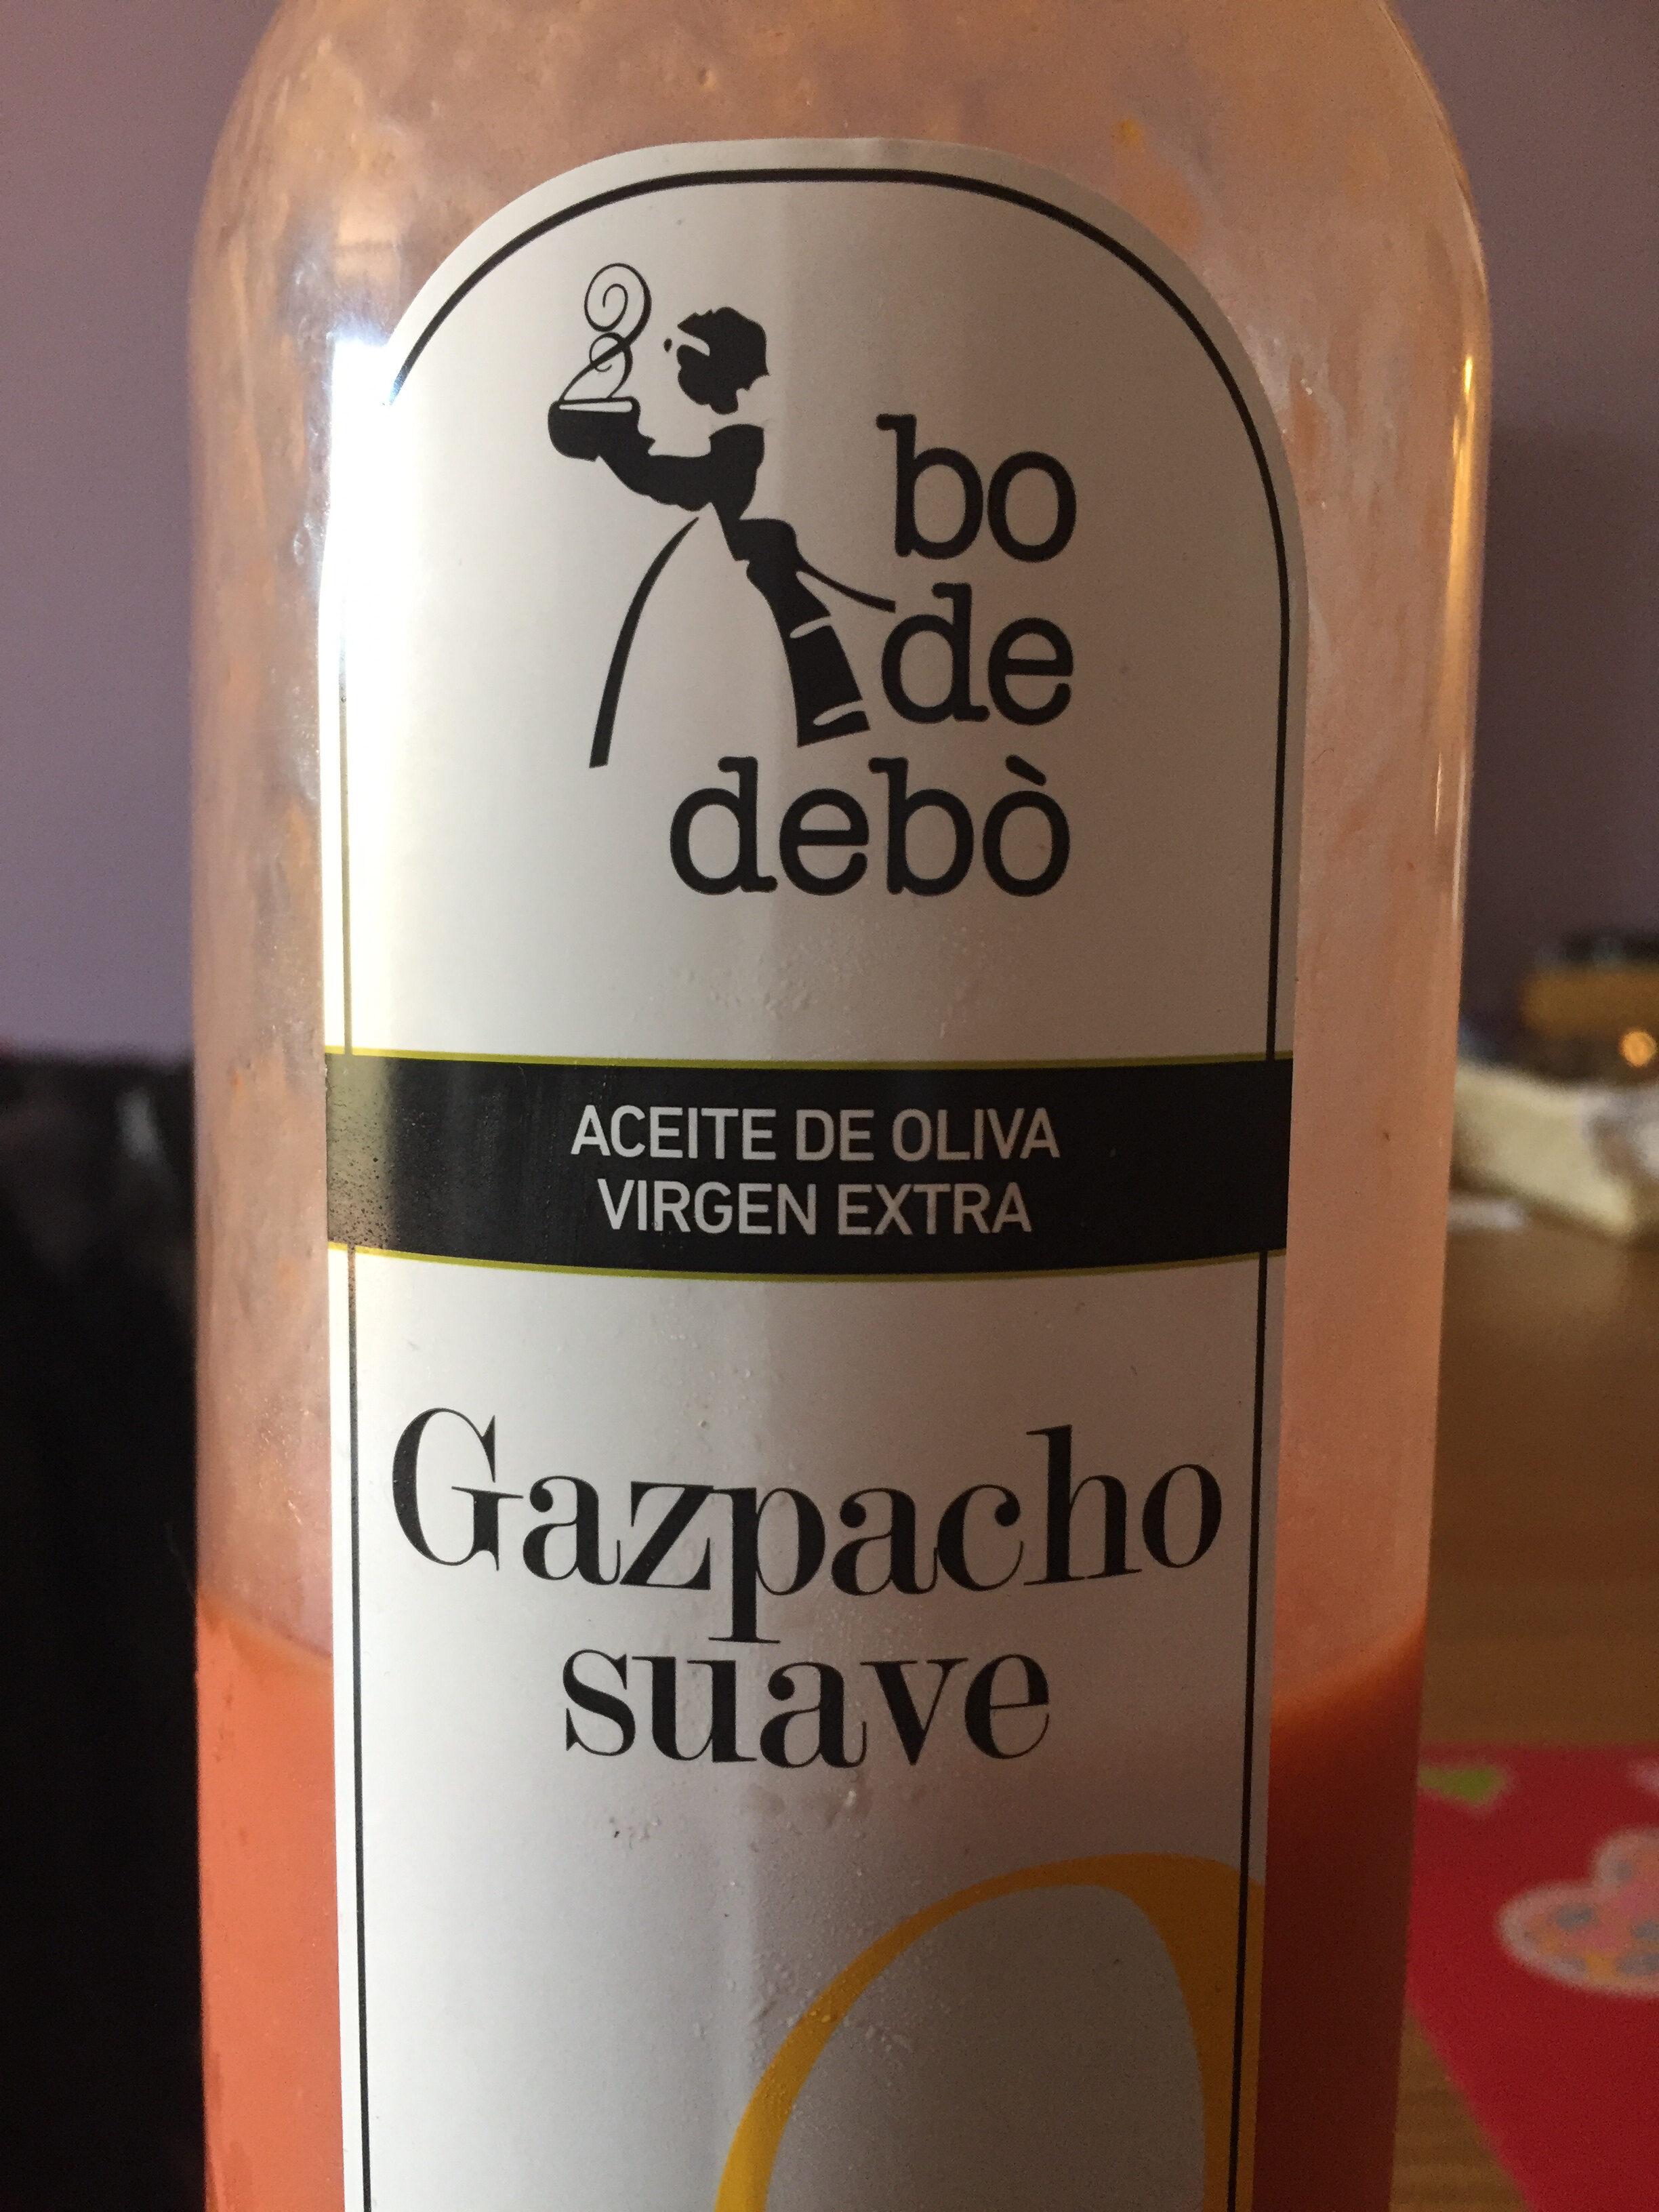 Gazpacho suave - Producto - ca